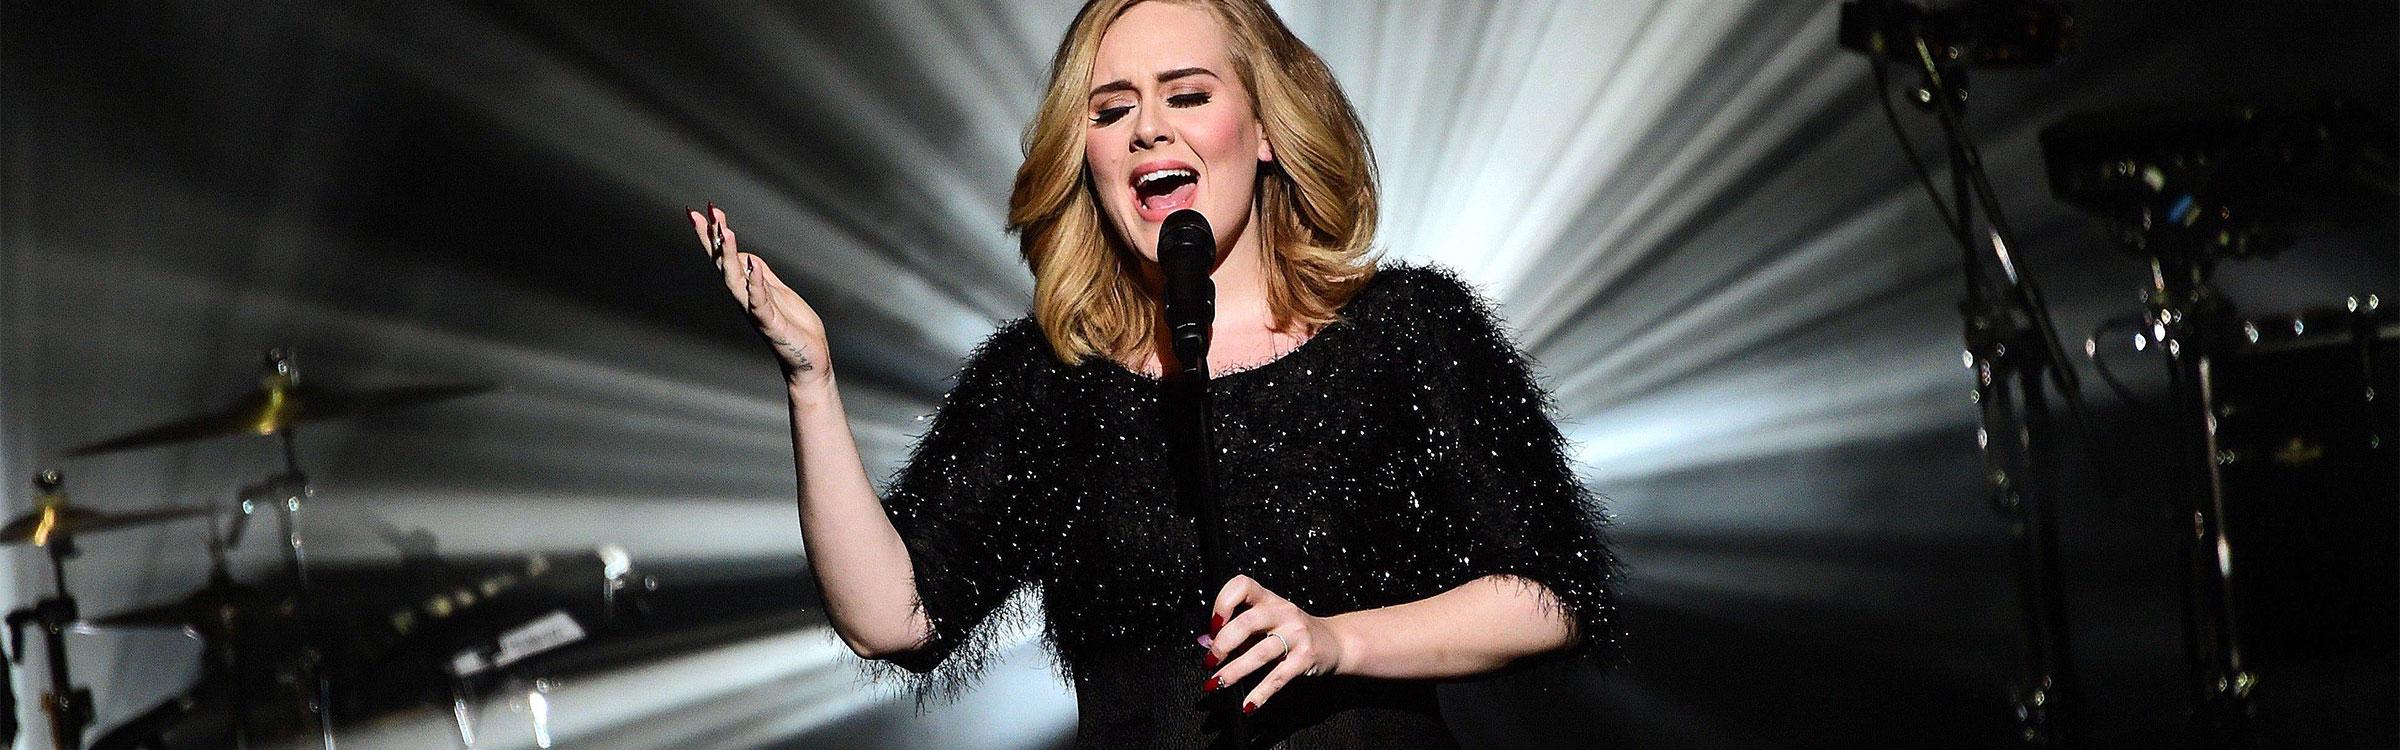 Adele 2400x750